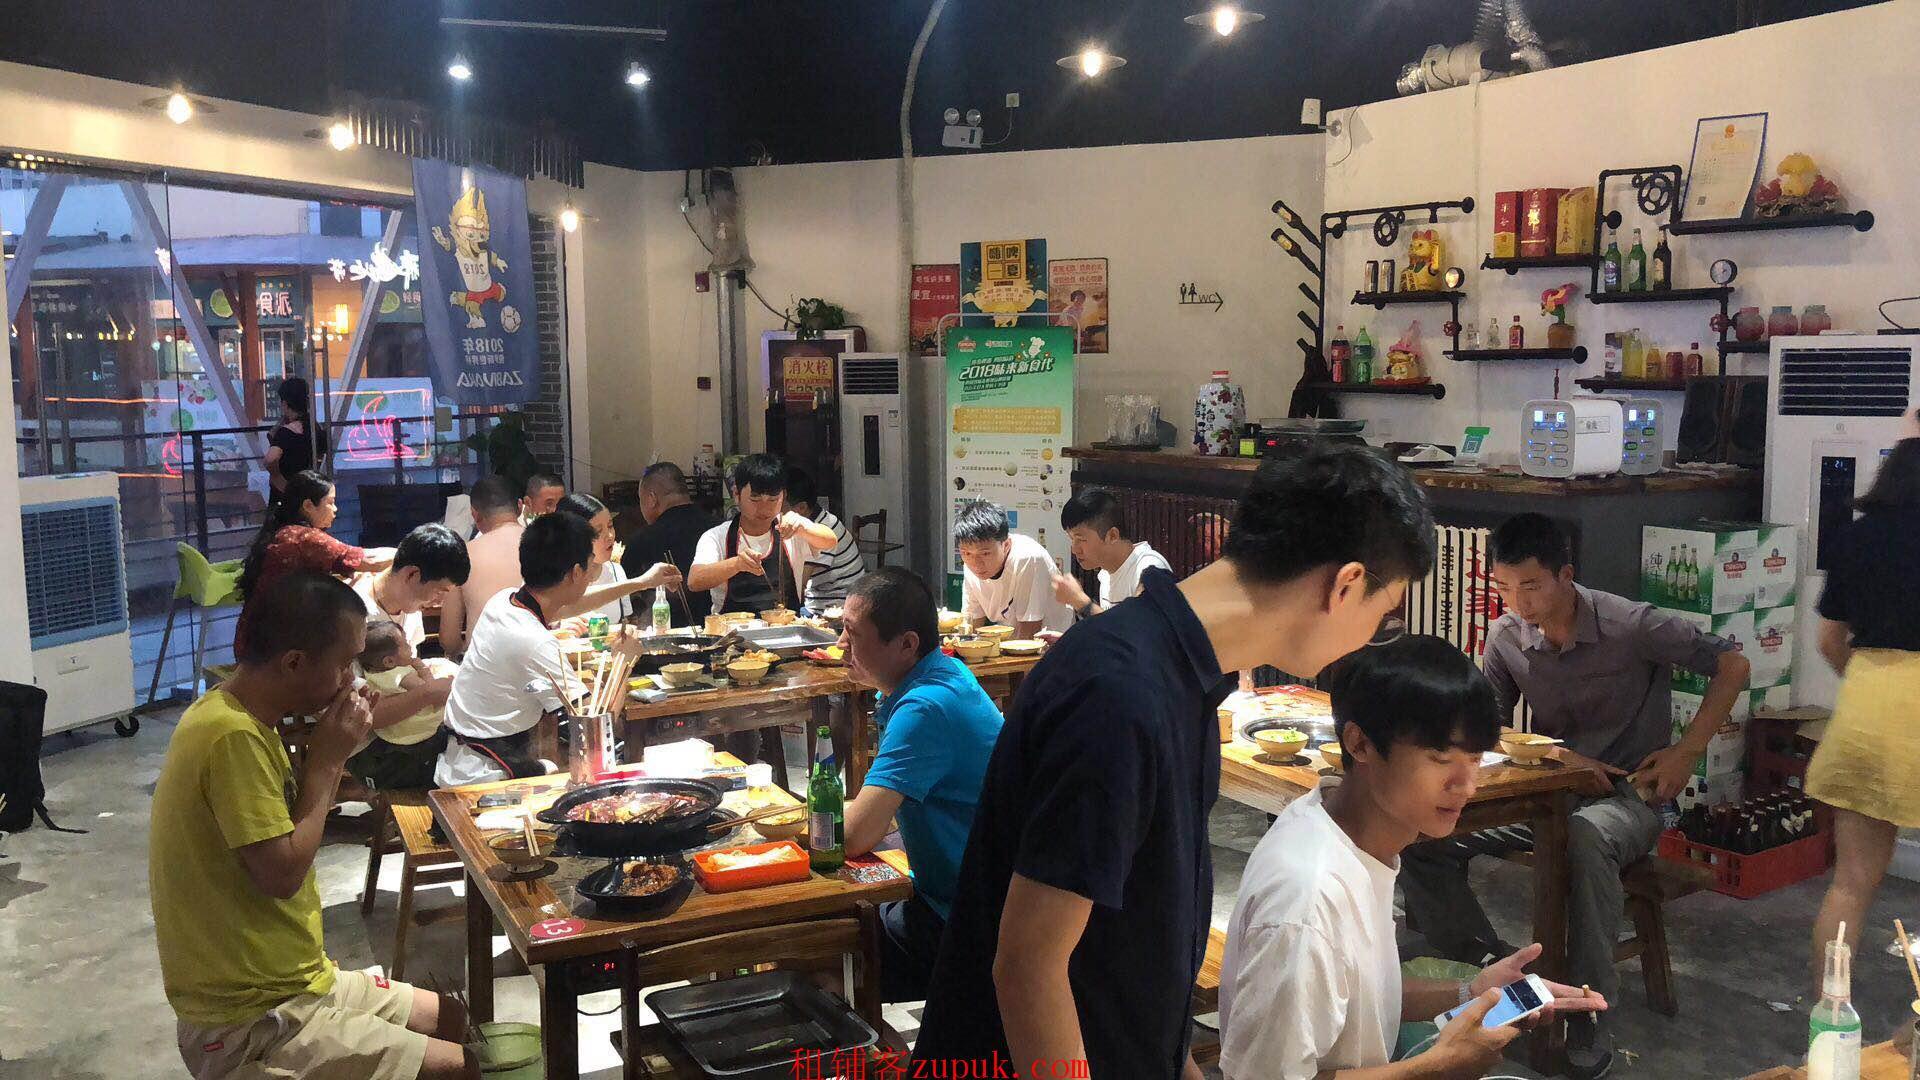 青羊 盈利火锅店 盈利旺铺 1万低价急转